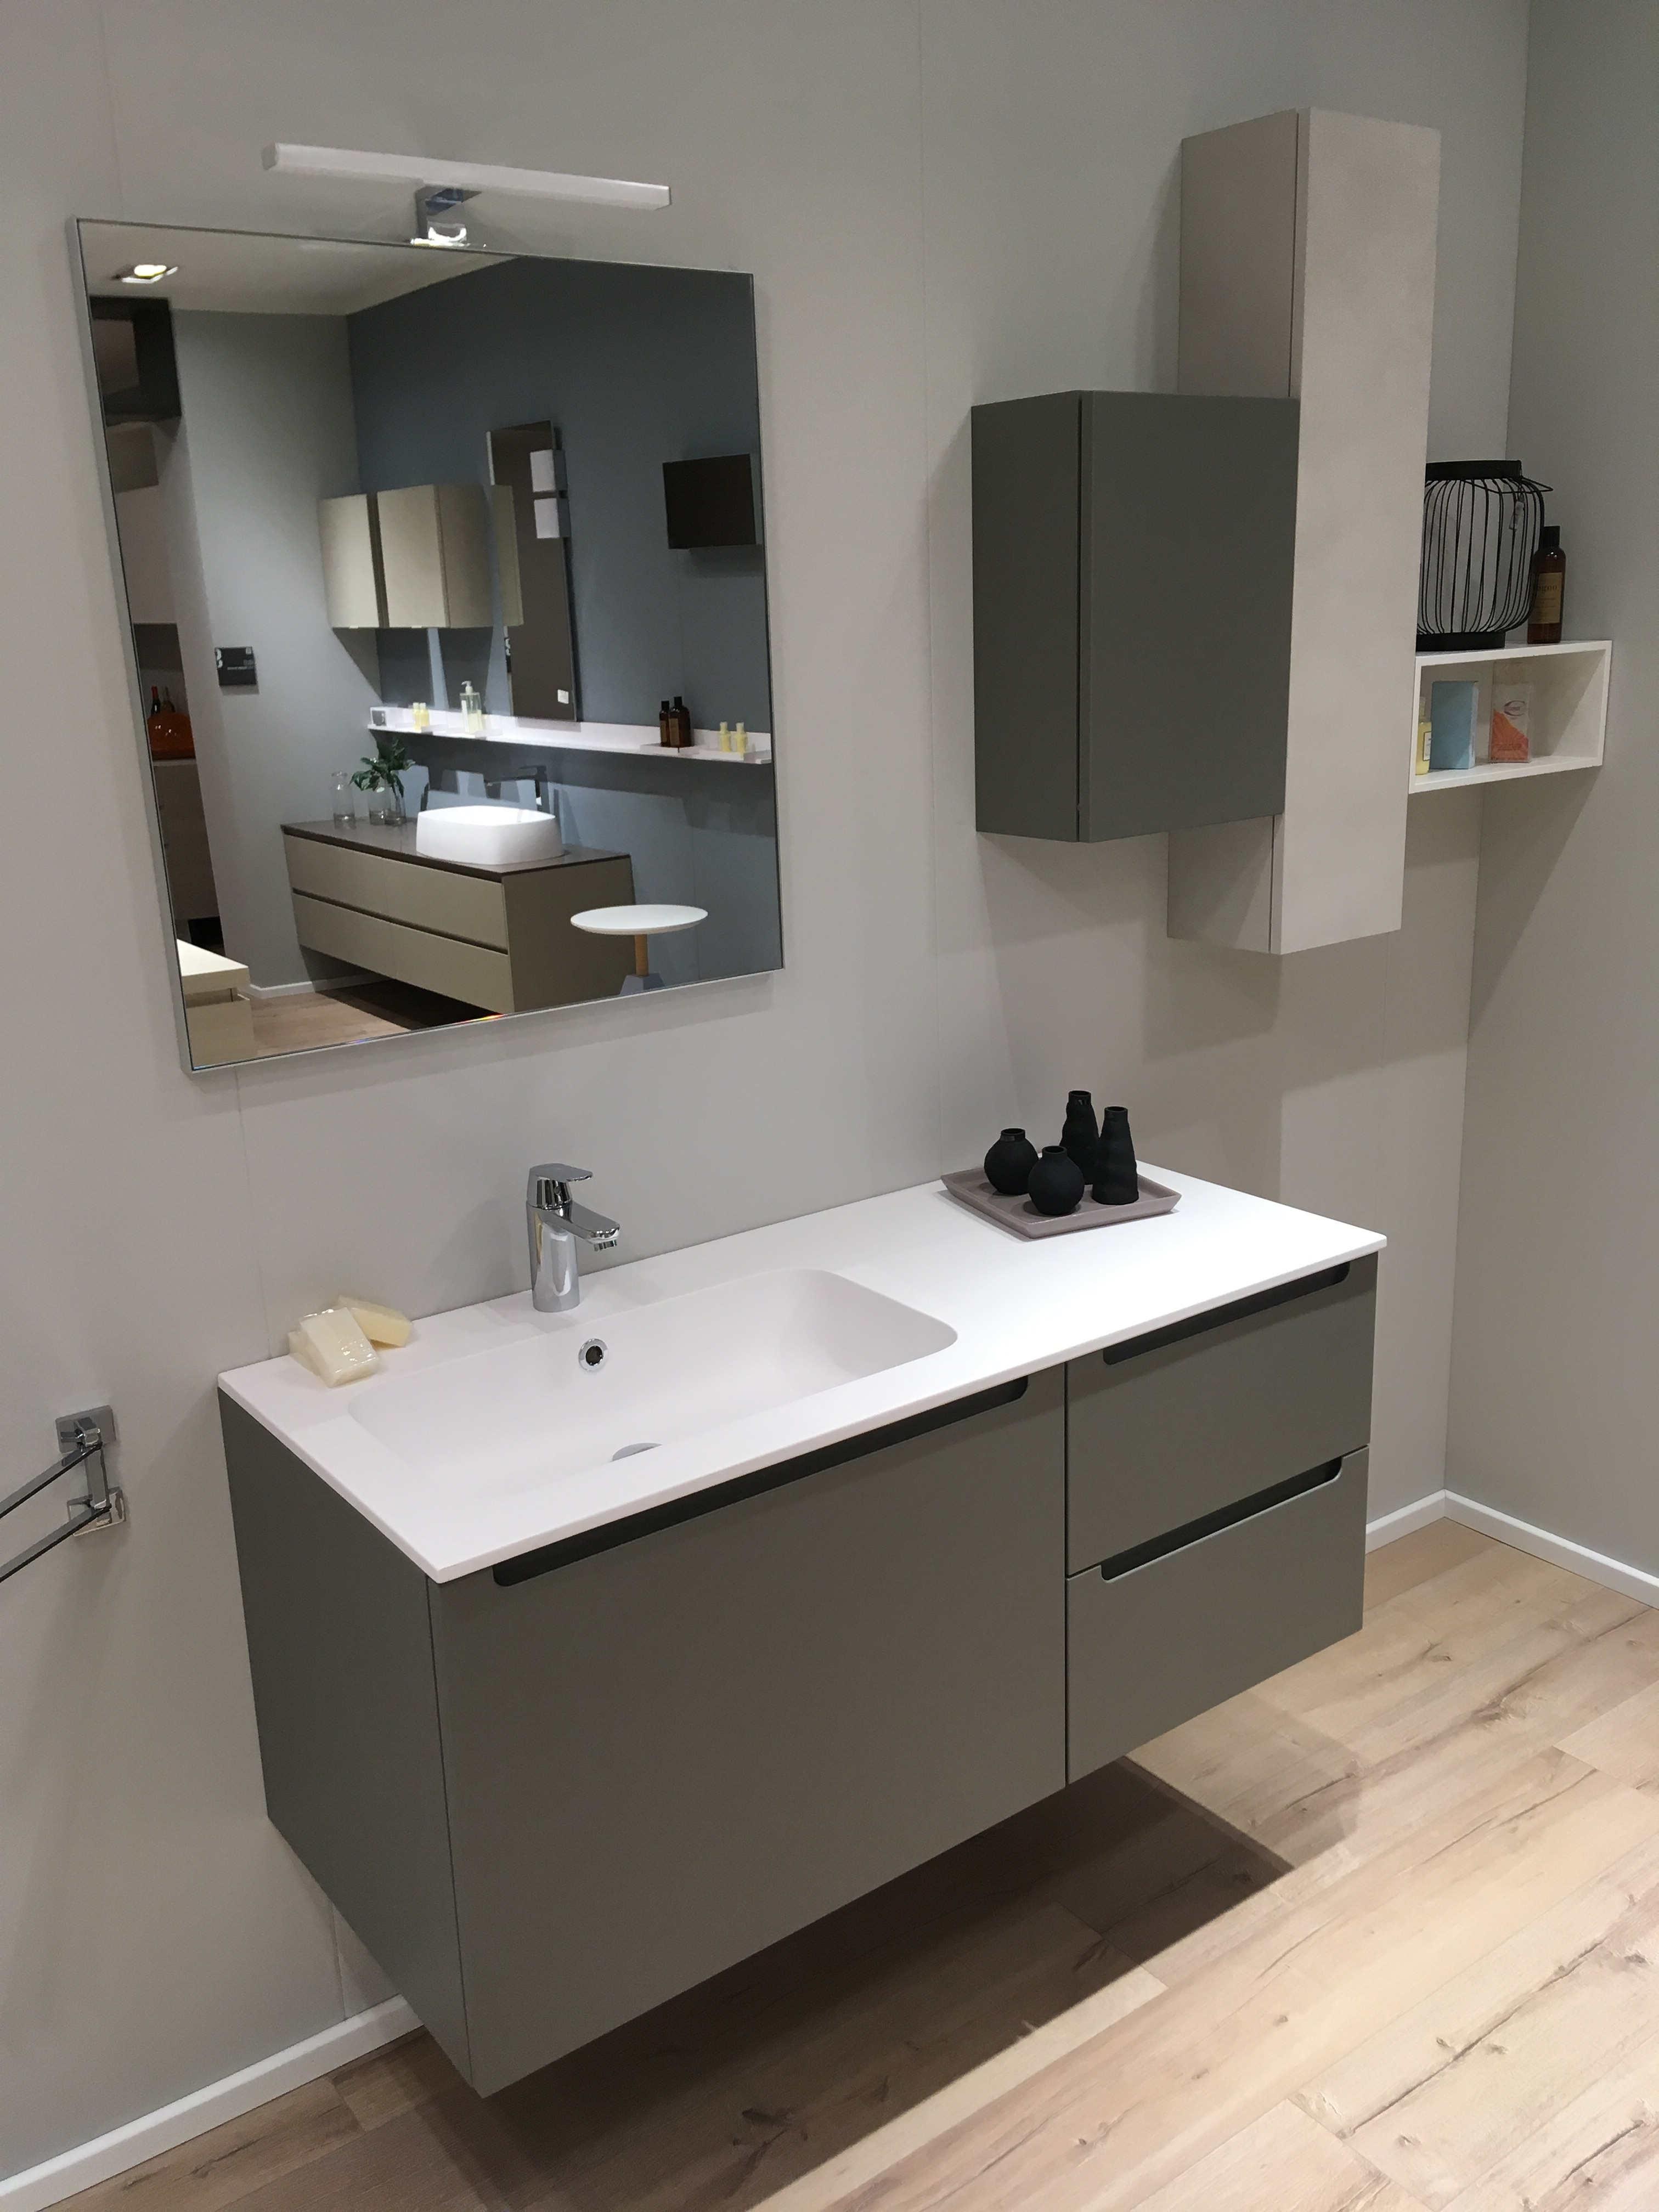 Scavolini bathrooms arredo bagno scavolini mod idro - Scavolini bagno prezzi ...